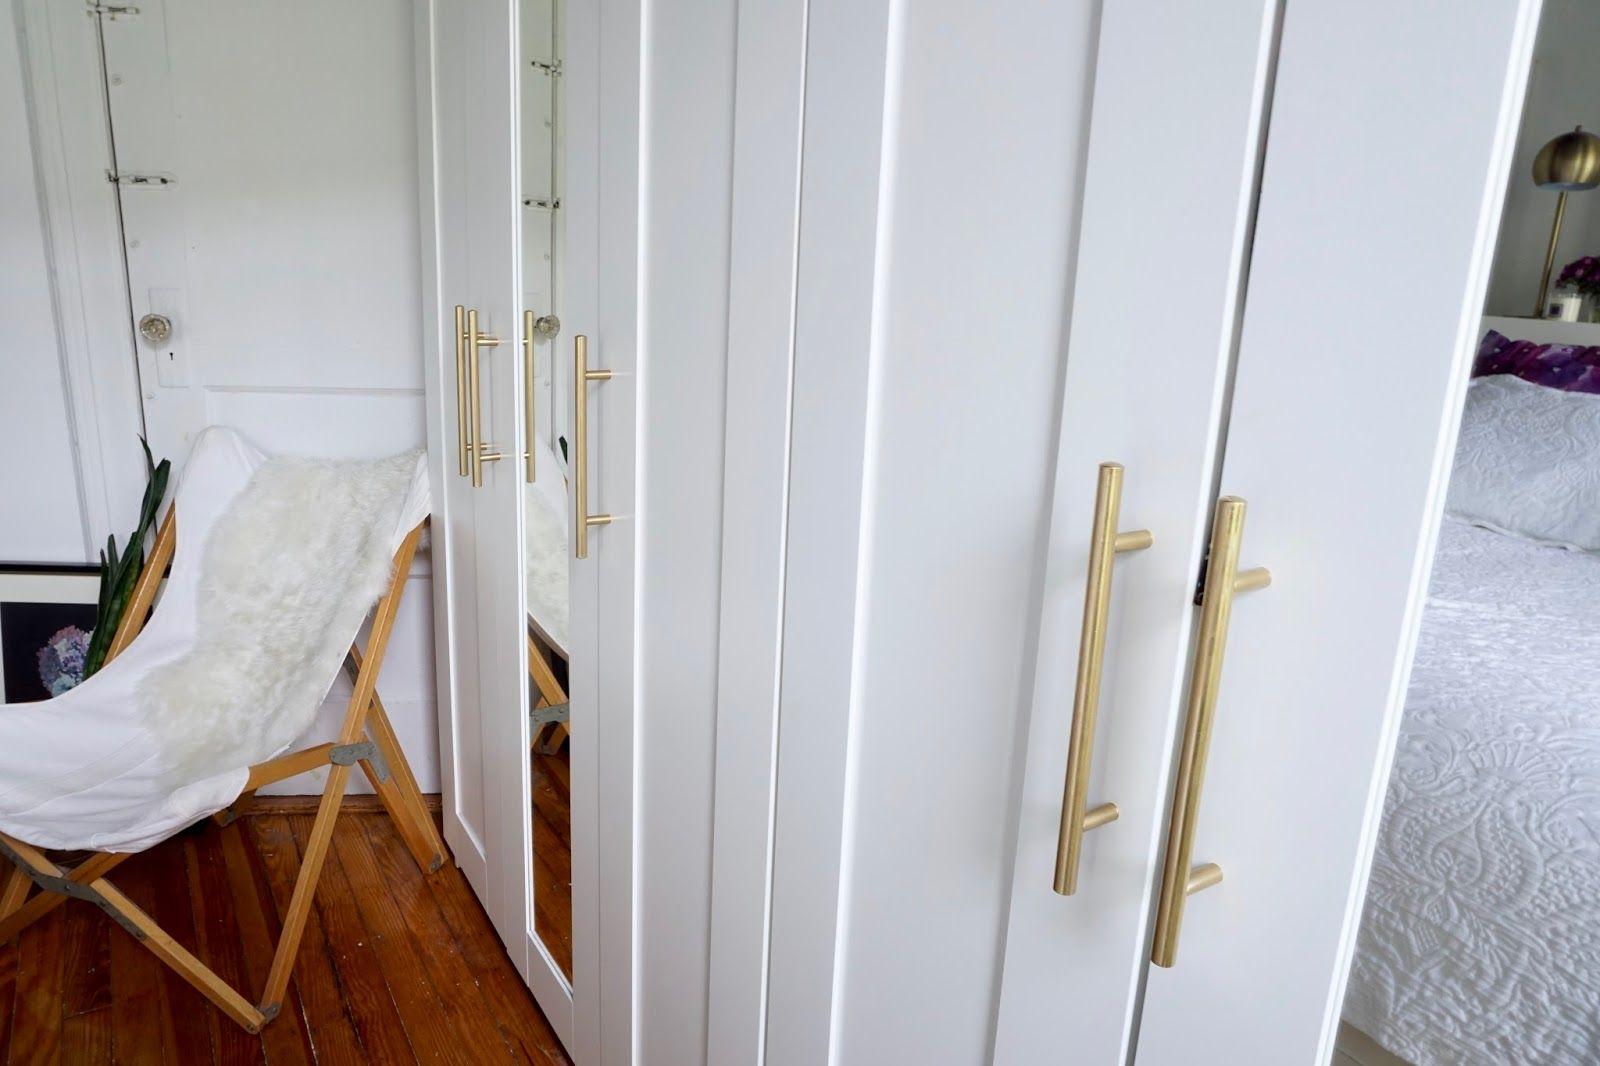 Diy Ikea Brimnes Wardrobe Handle Upgrade Ikea Brimnes Wardrobe